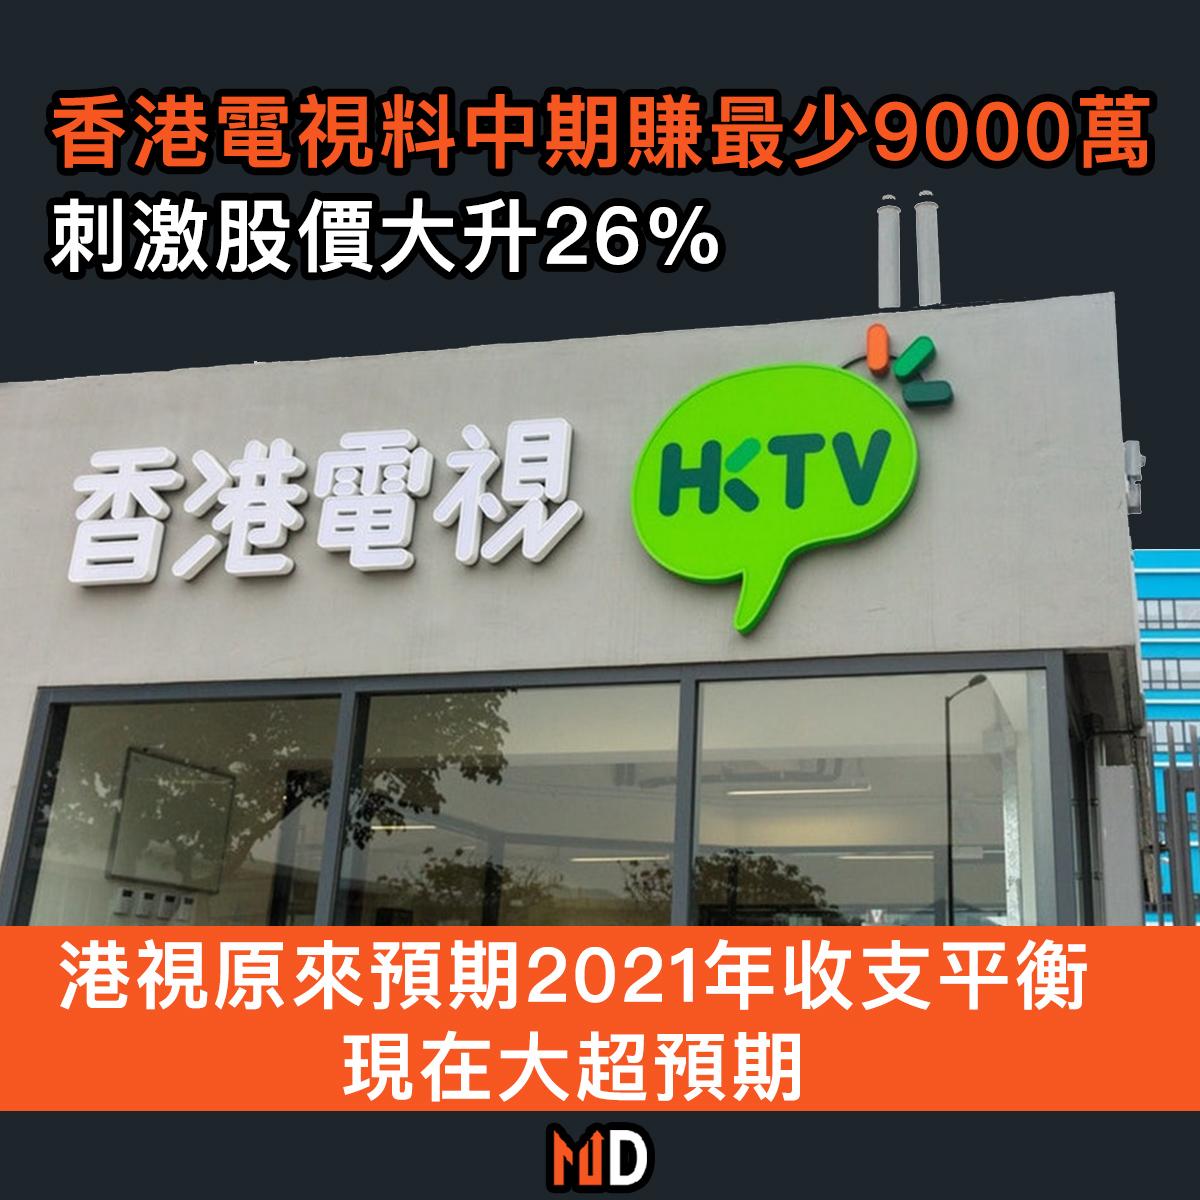 【市場熱話】香港電視料中期賺最少9000萬,刺激股價大升26%